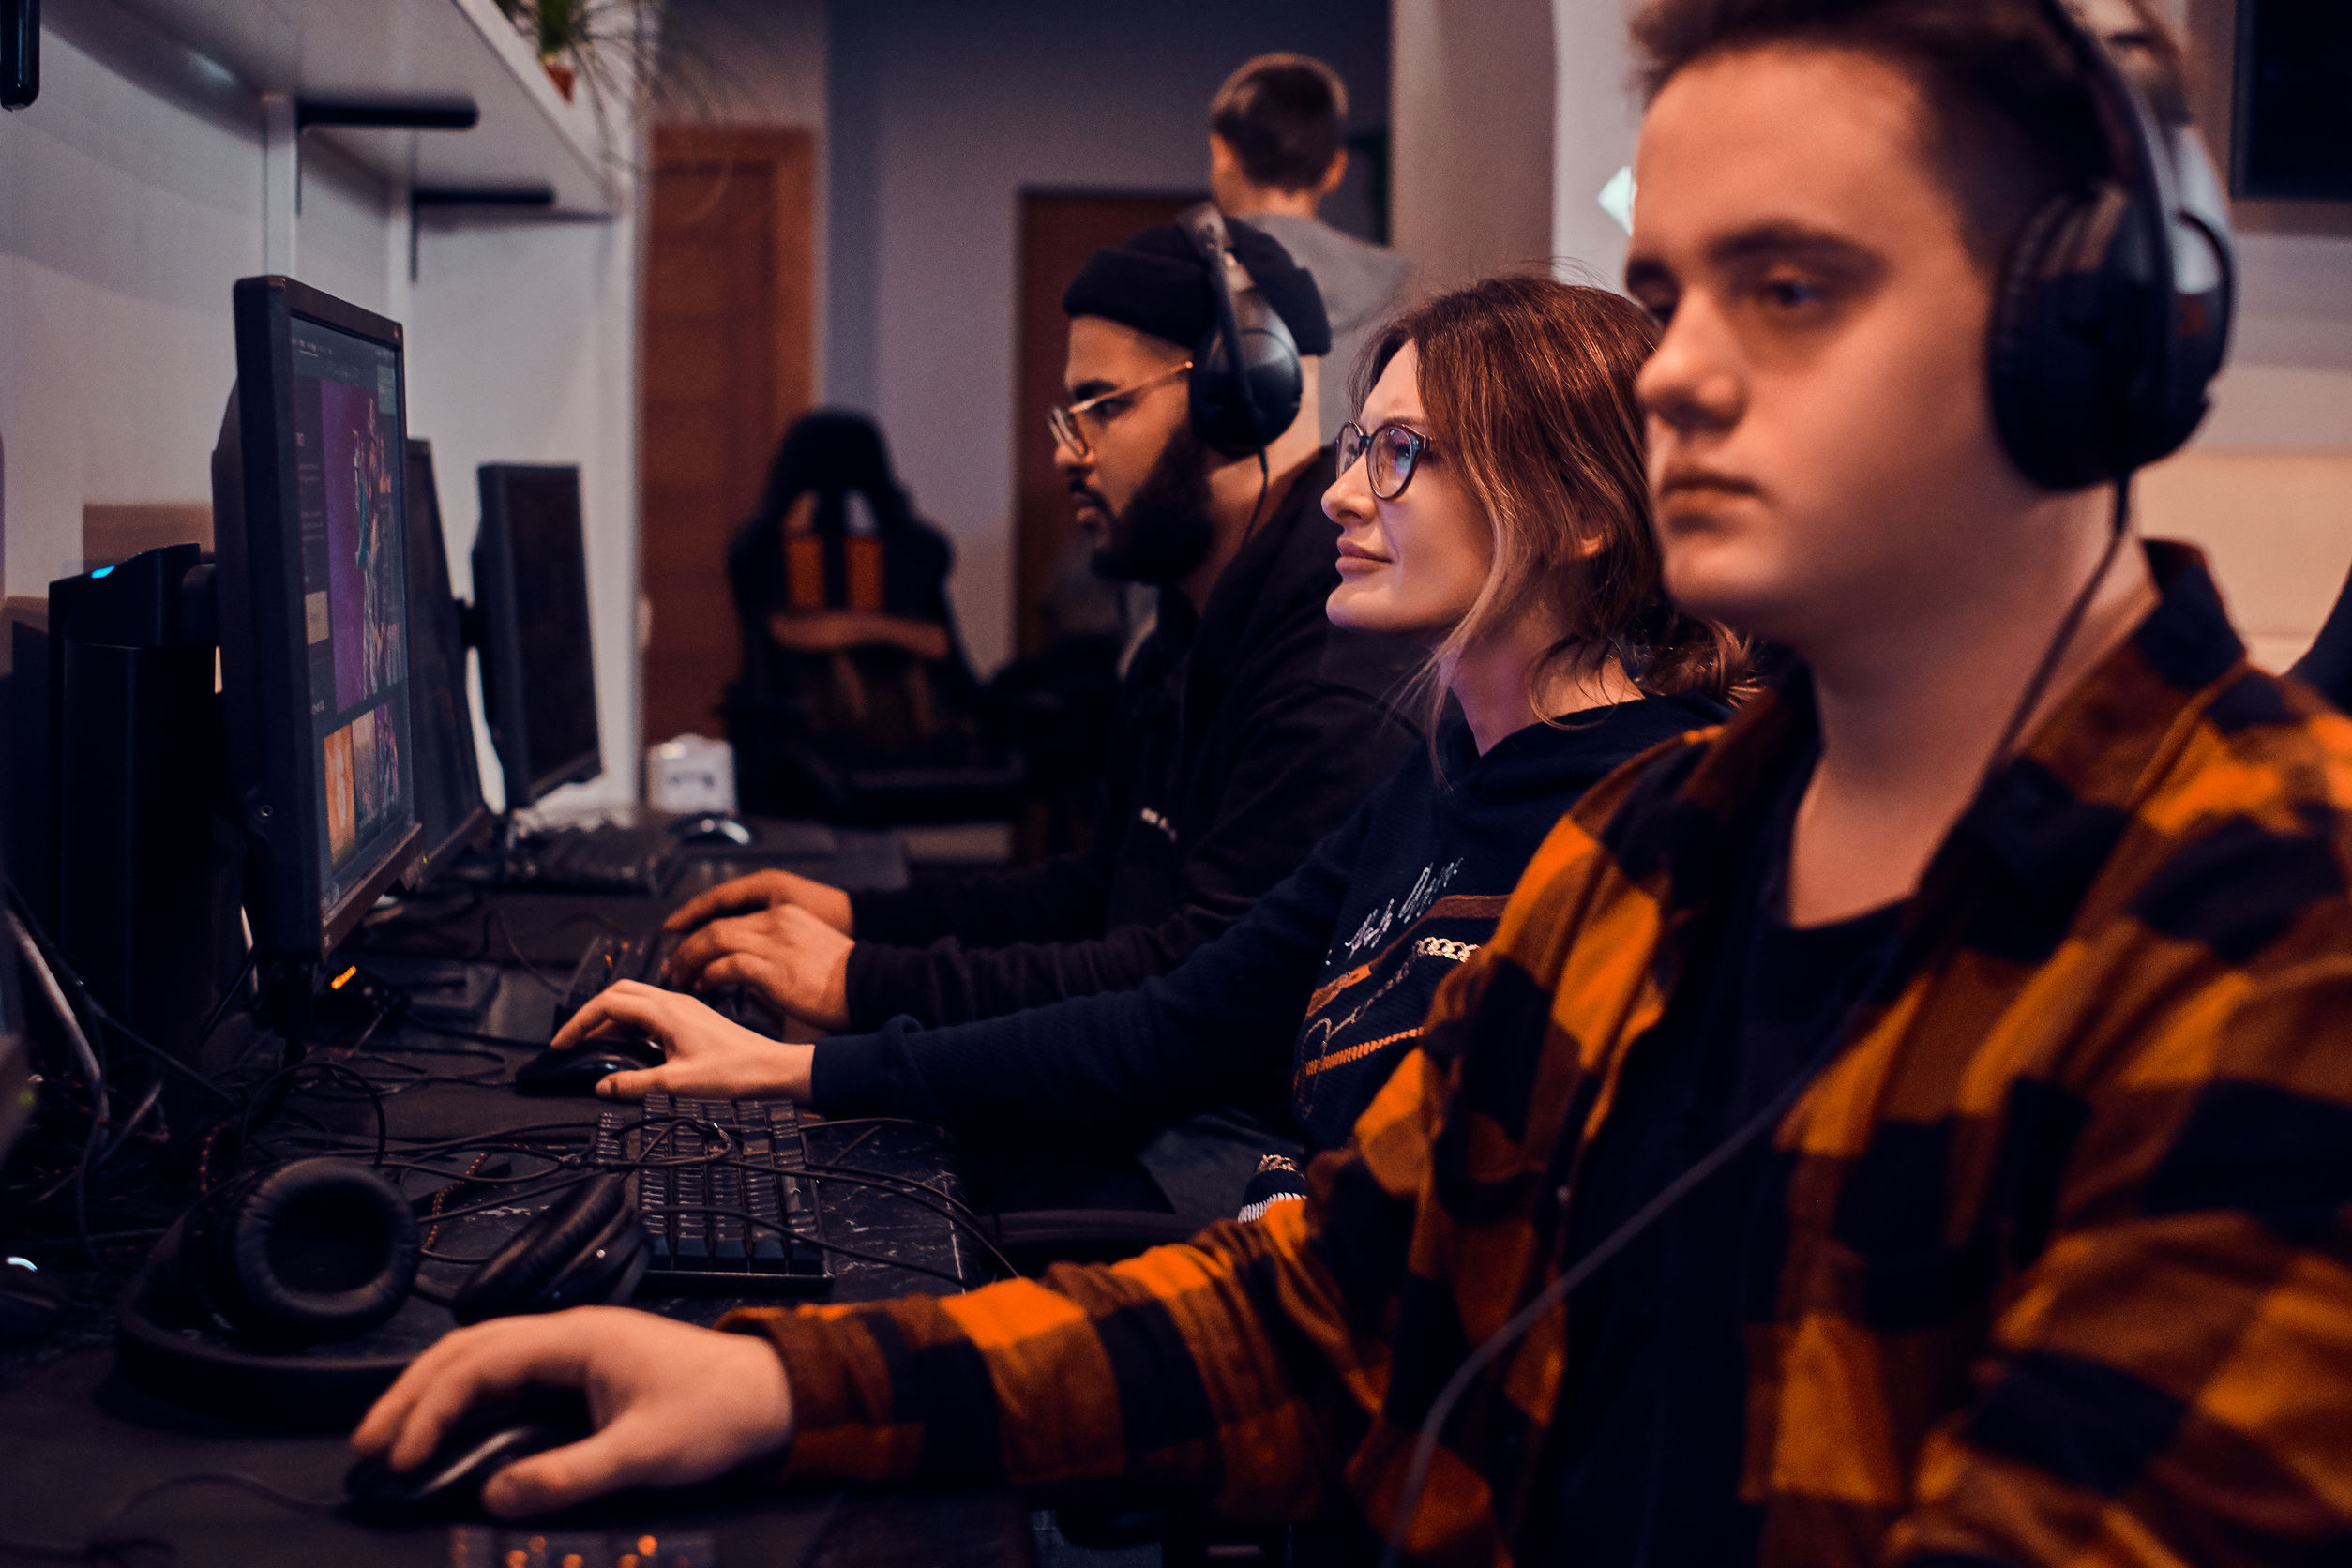 Los niños y niñas adultos cansados están jugando videojuegos en el popular campeonato cibernético.